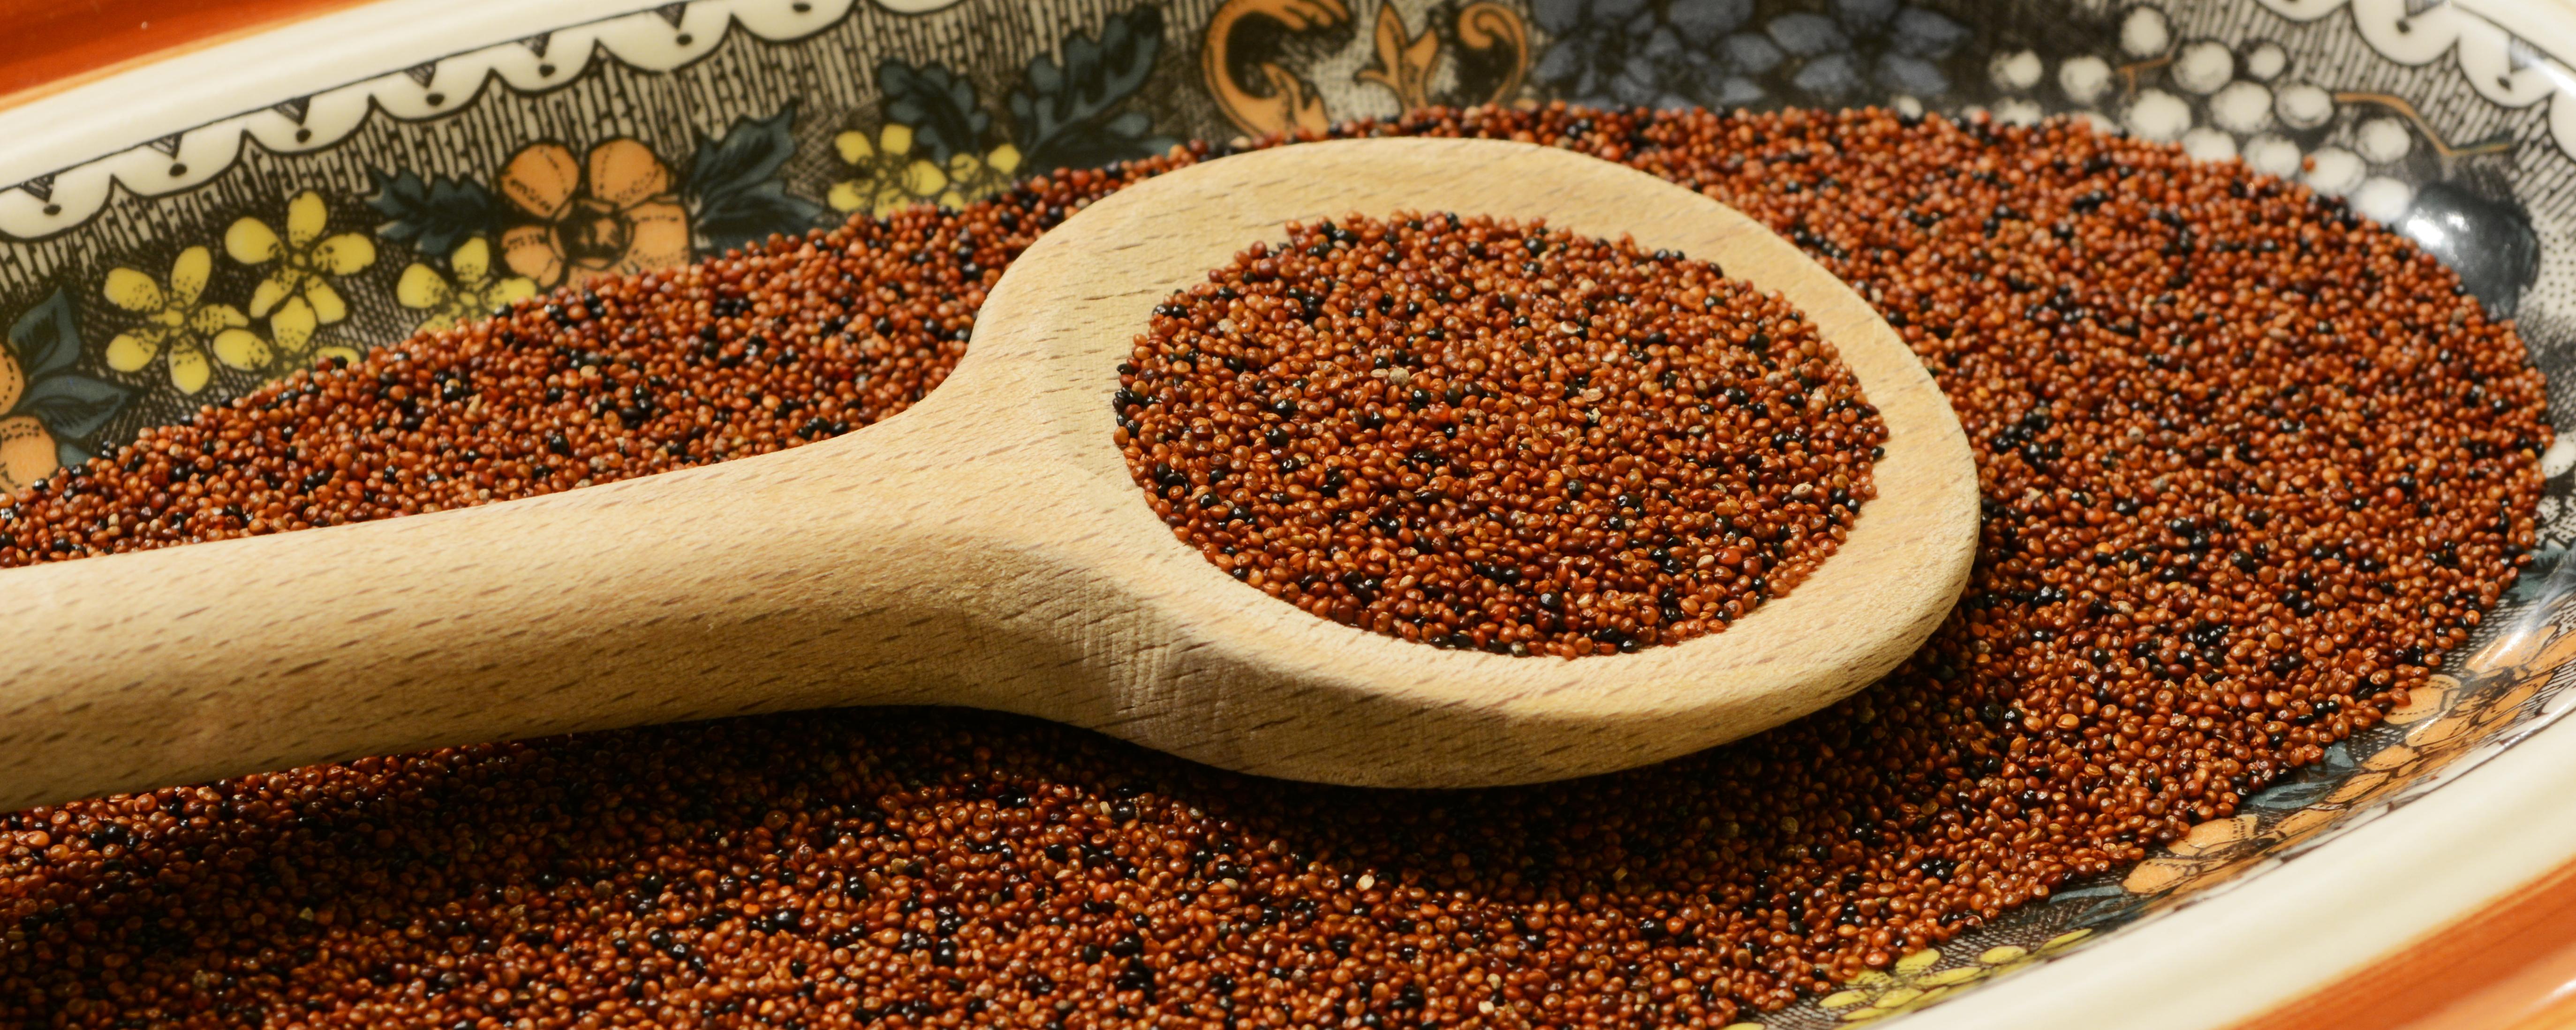 Canihua ist ein kleines braunes Körnchen - mit besten Inhaltsstoffen.